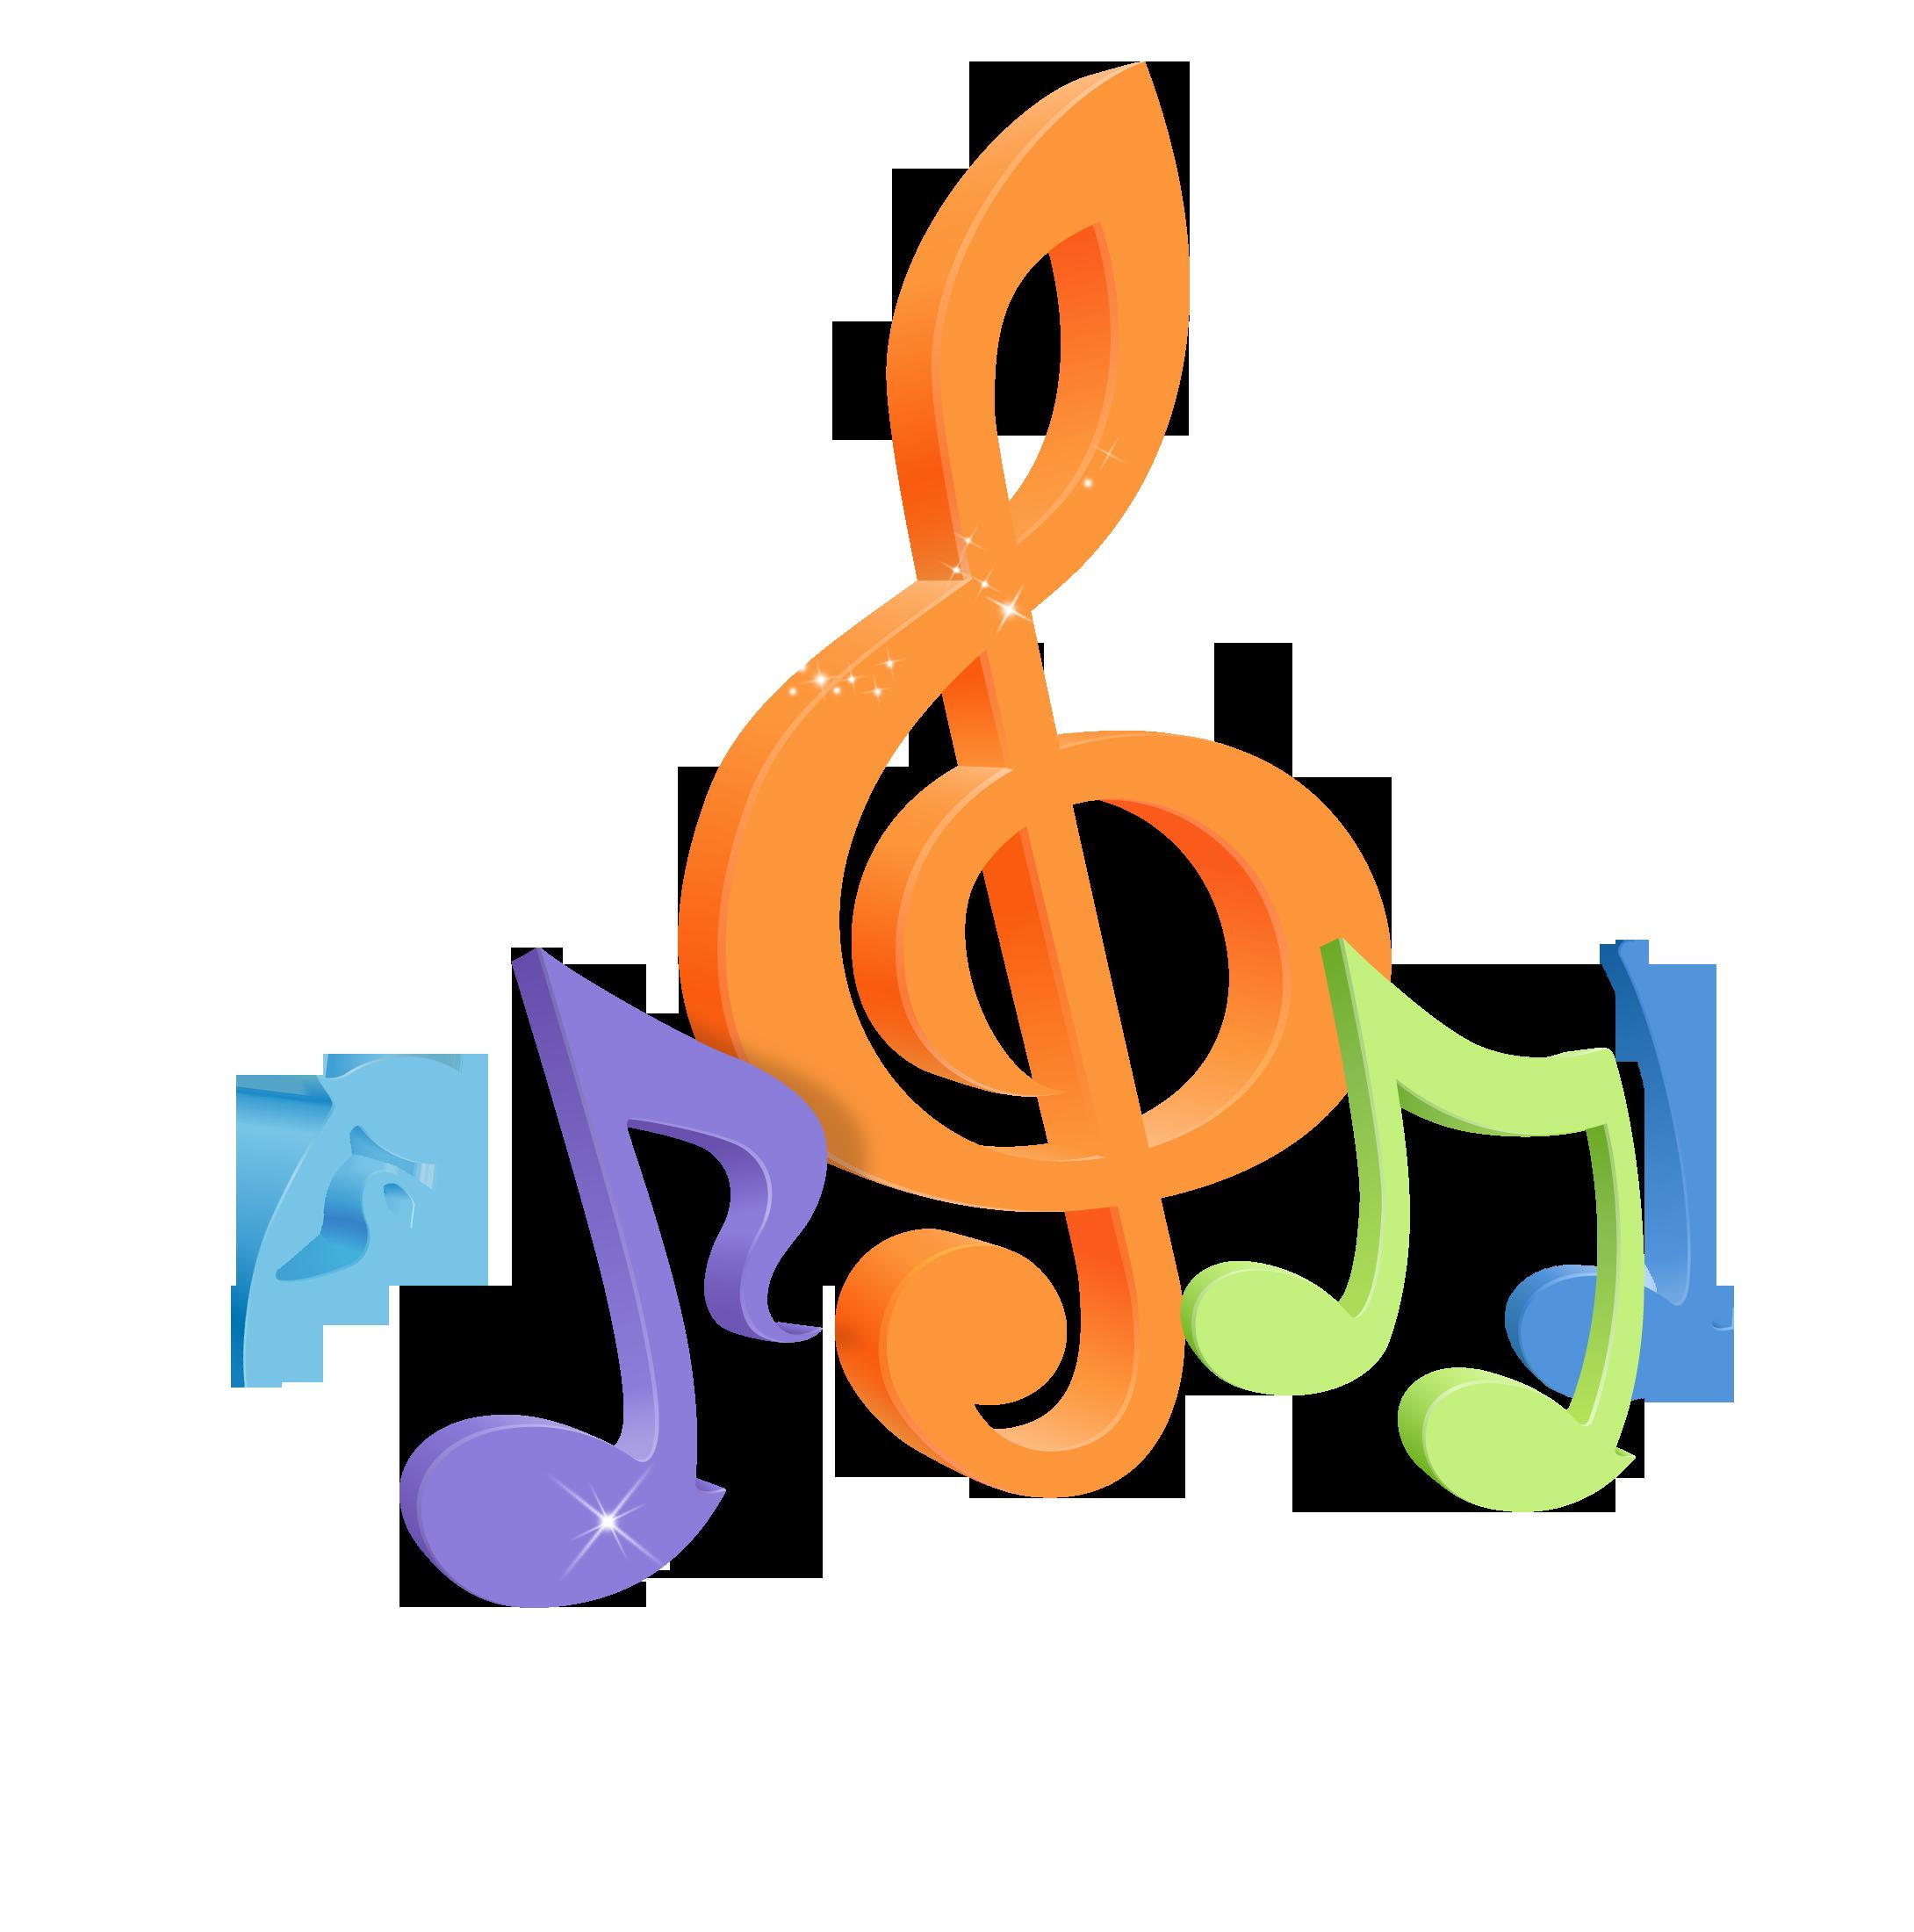 Musical note desktop wallpaper. Mango clipart 1080p